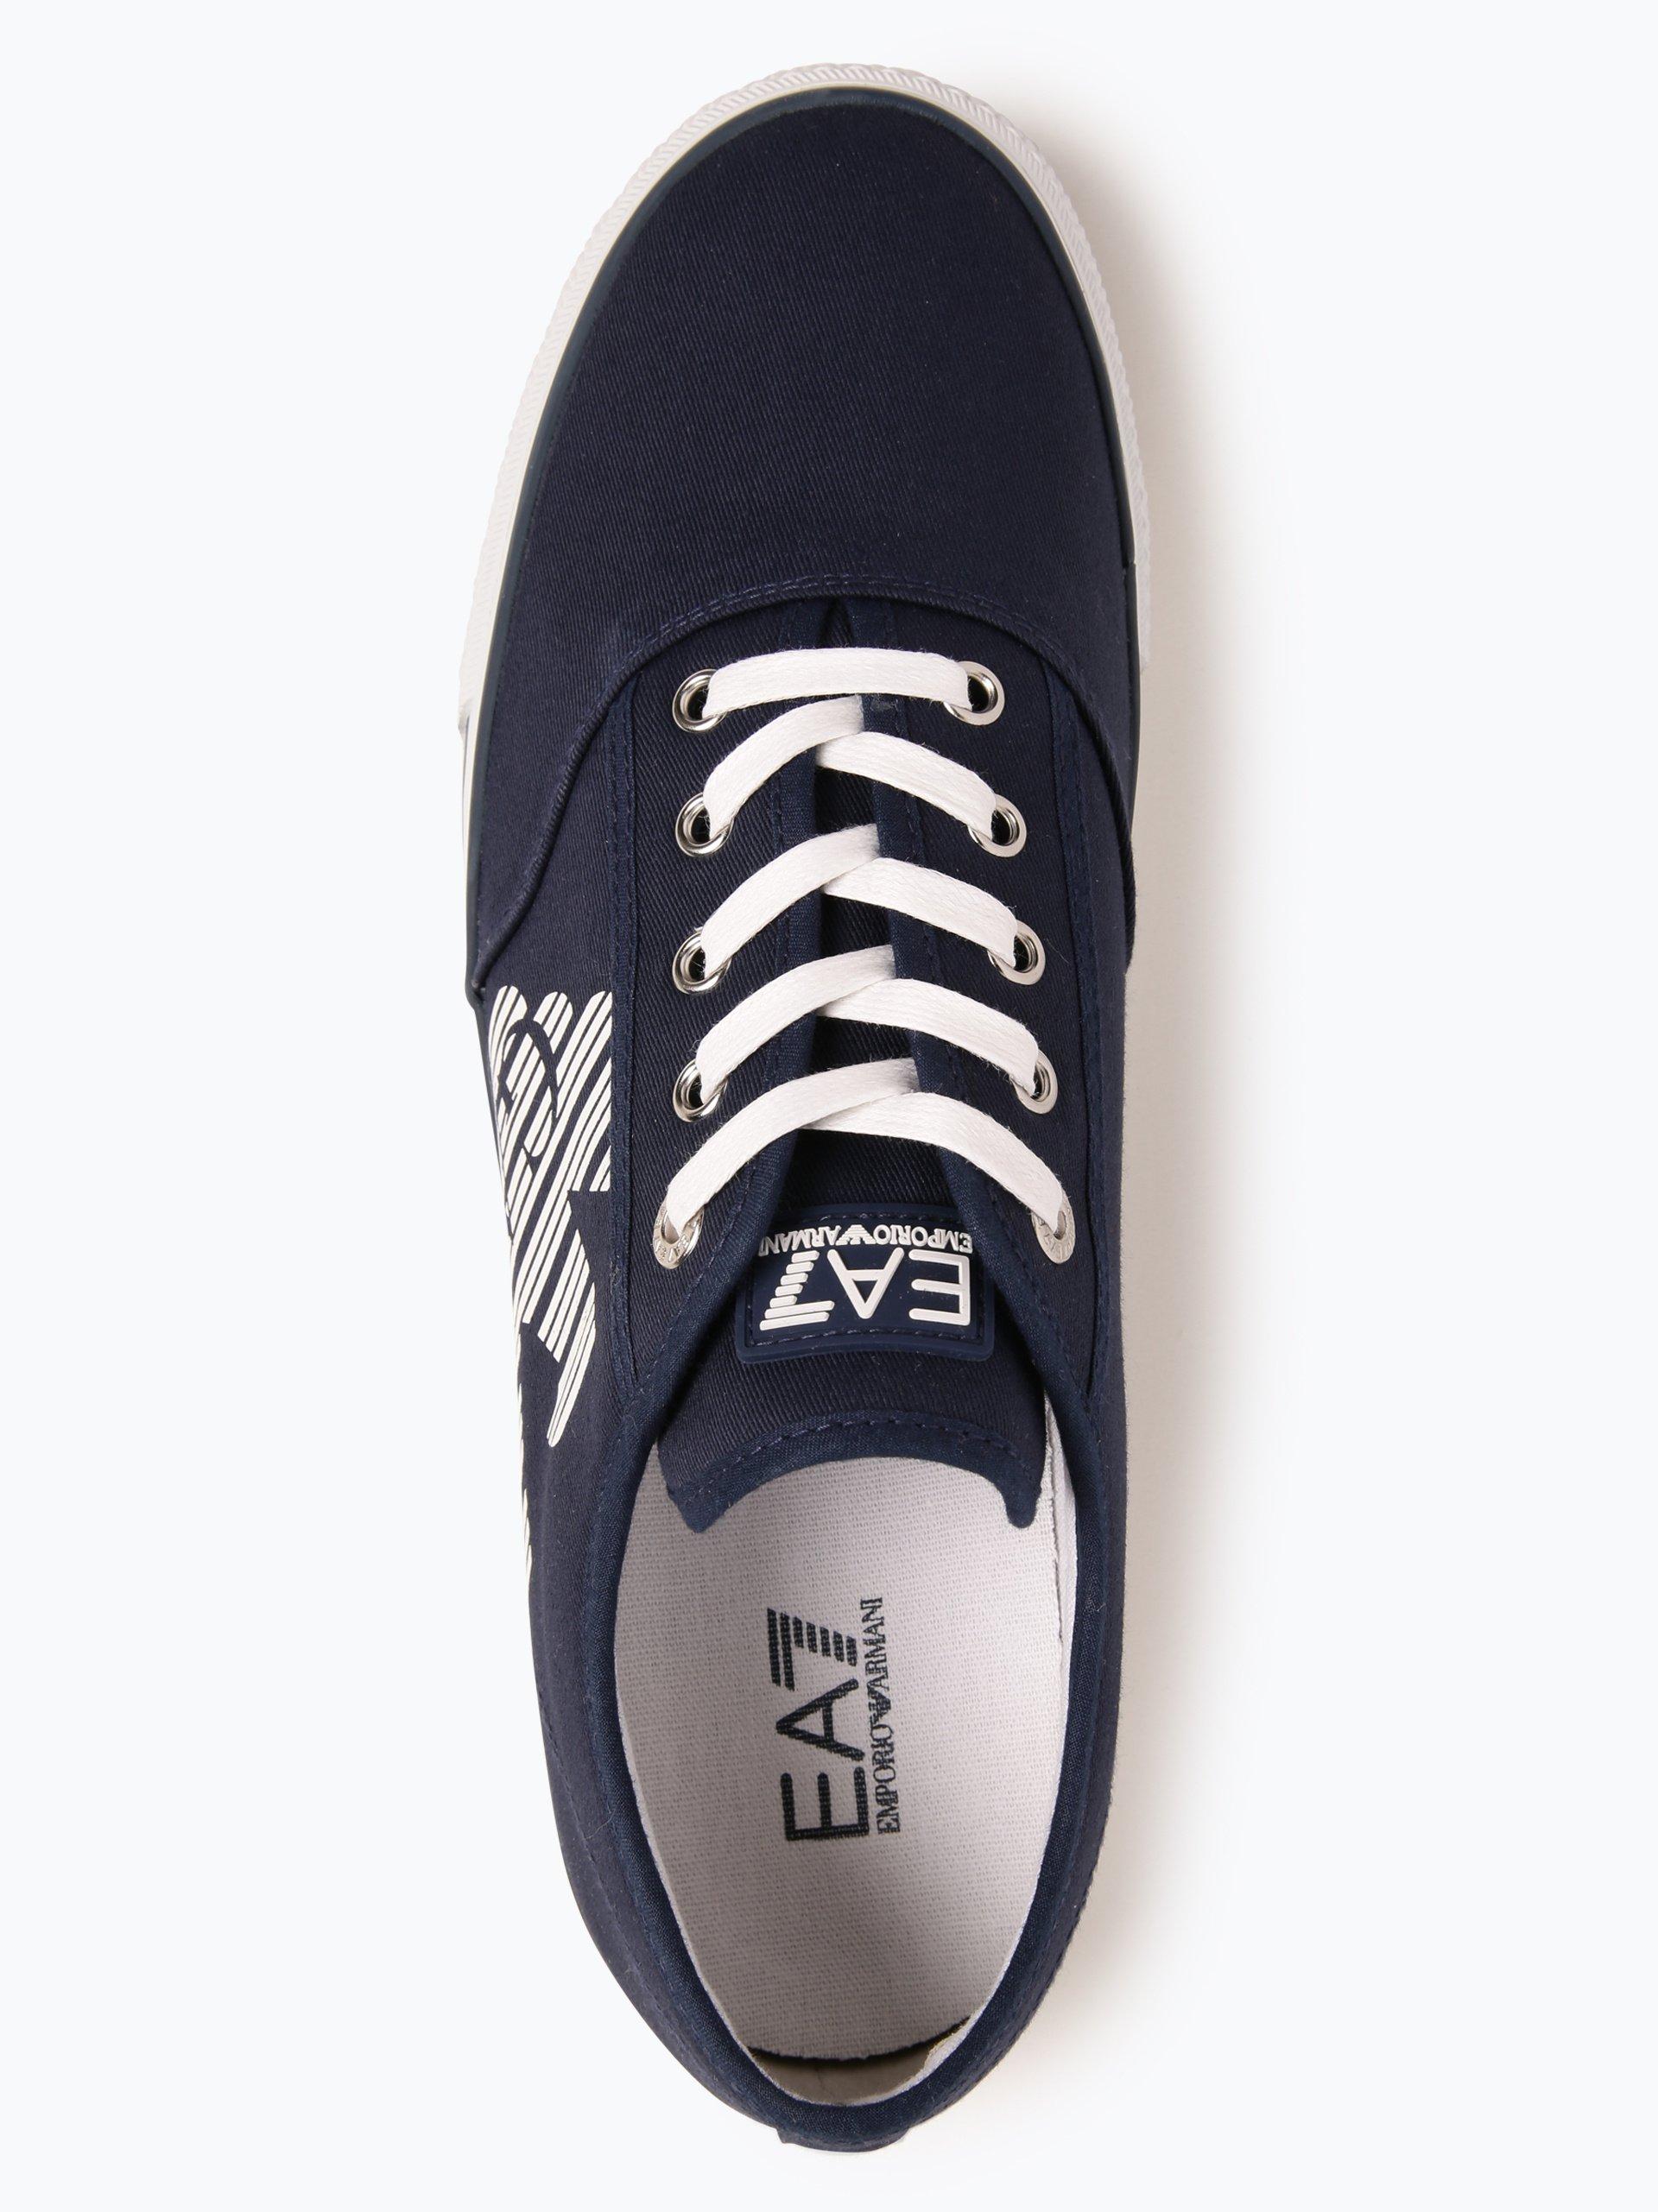 EA7 Emporio Armani Tenisówki męskie – Cult Vintage